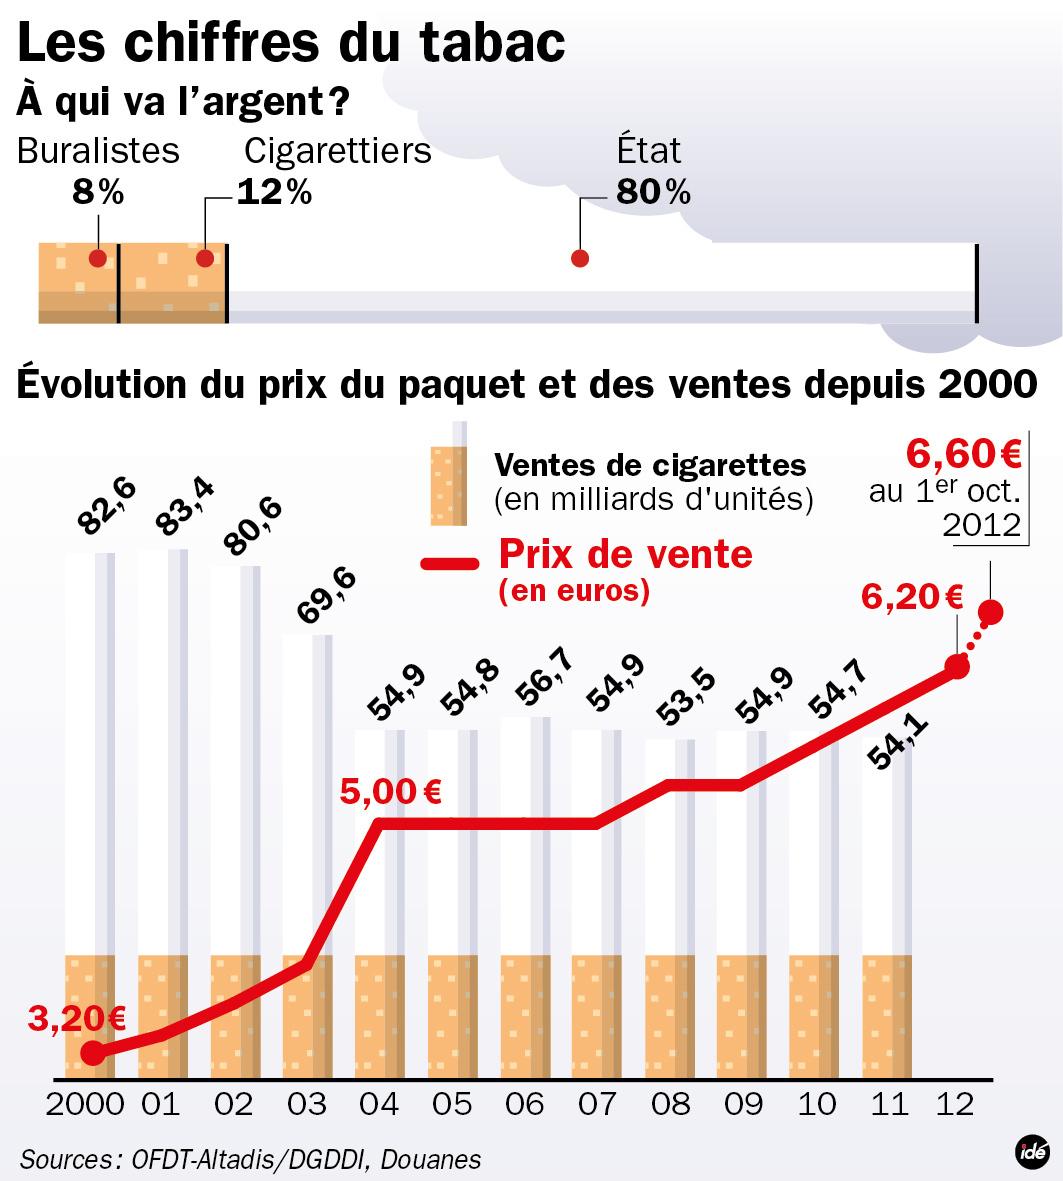 Infographie la hausse du prix du tabac fran - Acheter des graines de tabac en france ...